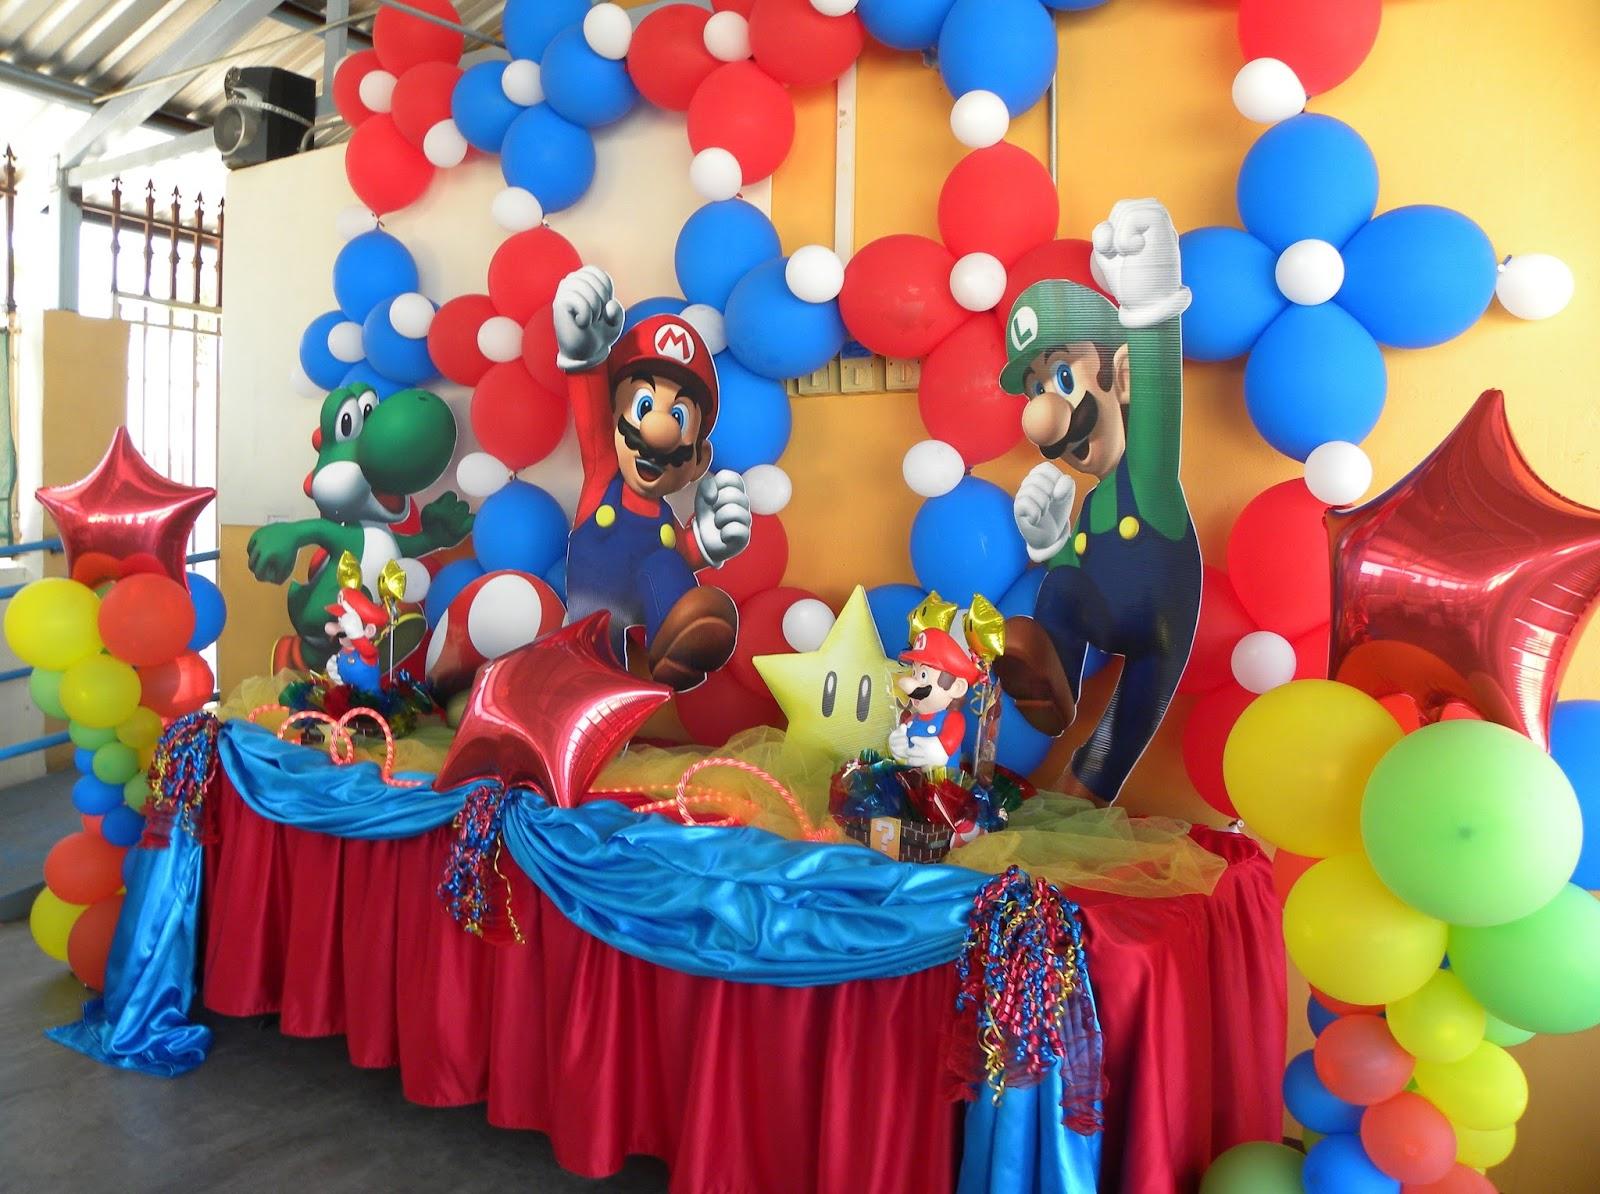 Fiestas infantiles decoradas con mario bros - Decoracion mesas fiestas ...